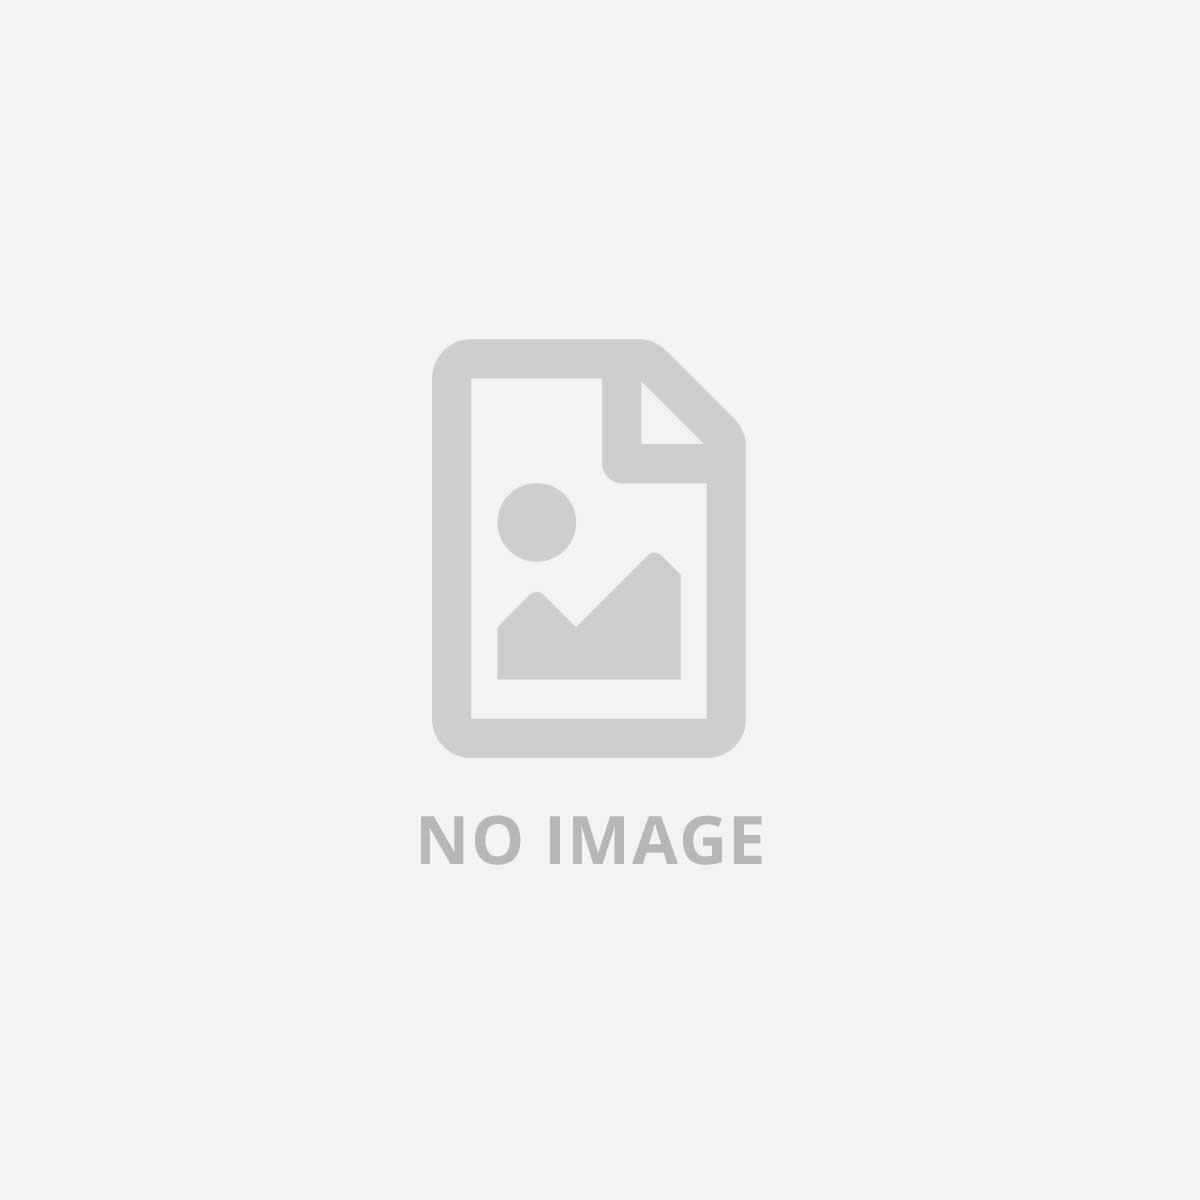 APC BACK-UPS 500VA AVR IEC OUTLETS